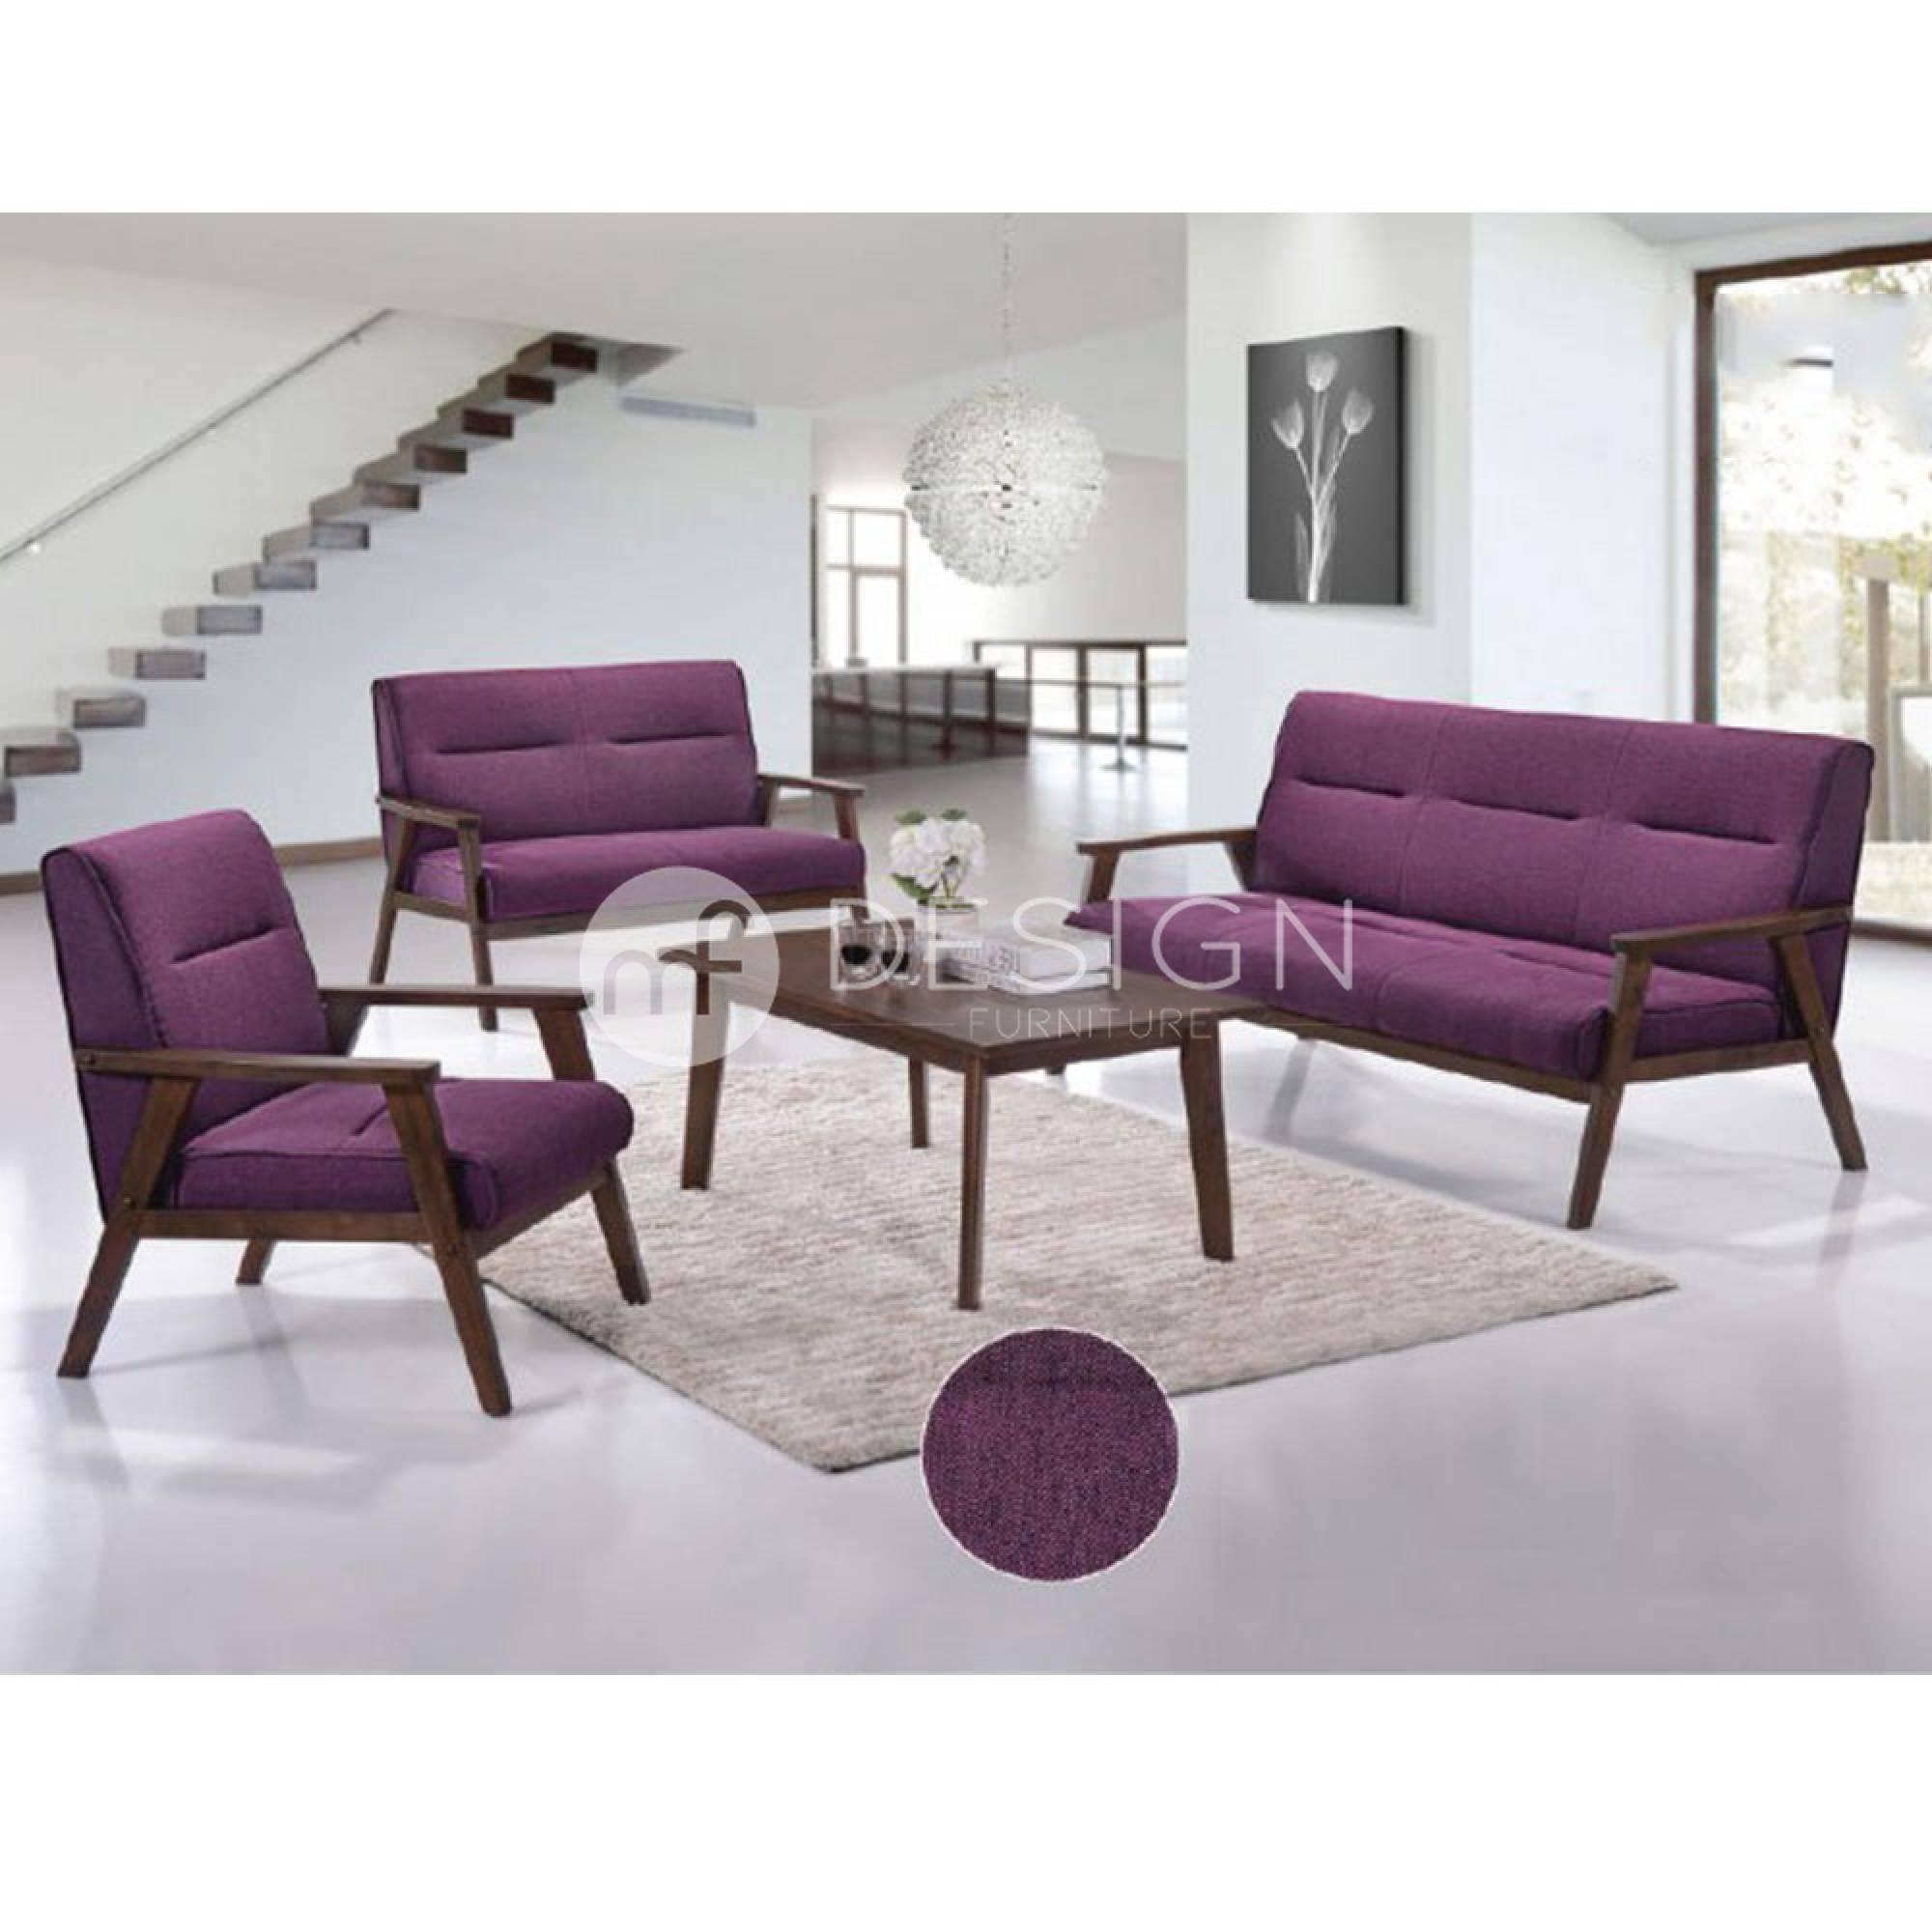 Unique Gray and Purple Living Room Unique Nest 1 2 3 Antique sofa Set Purple